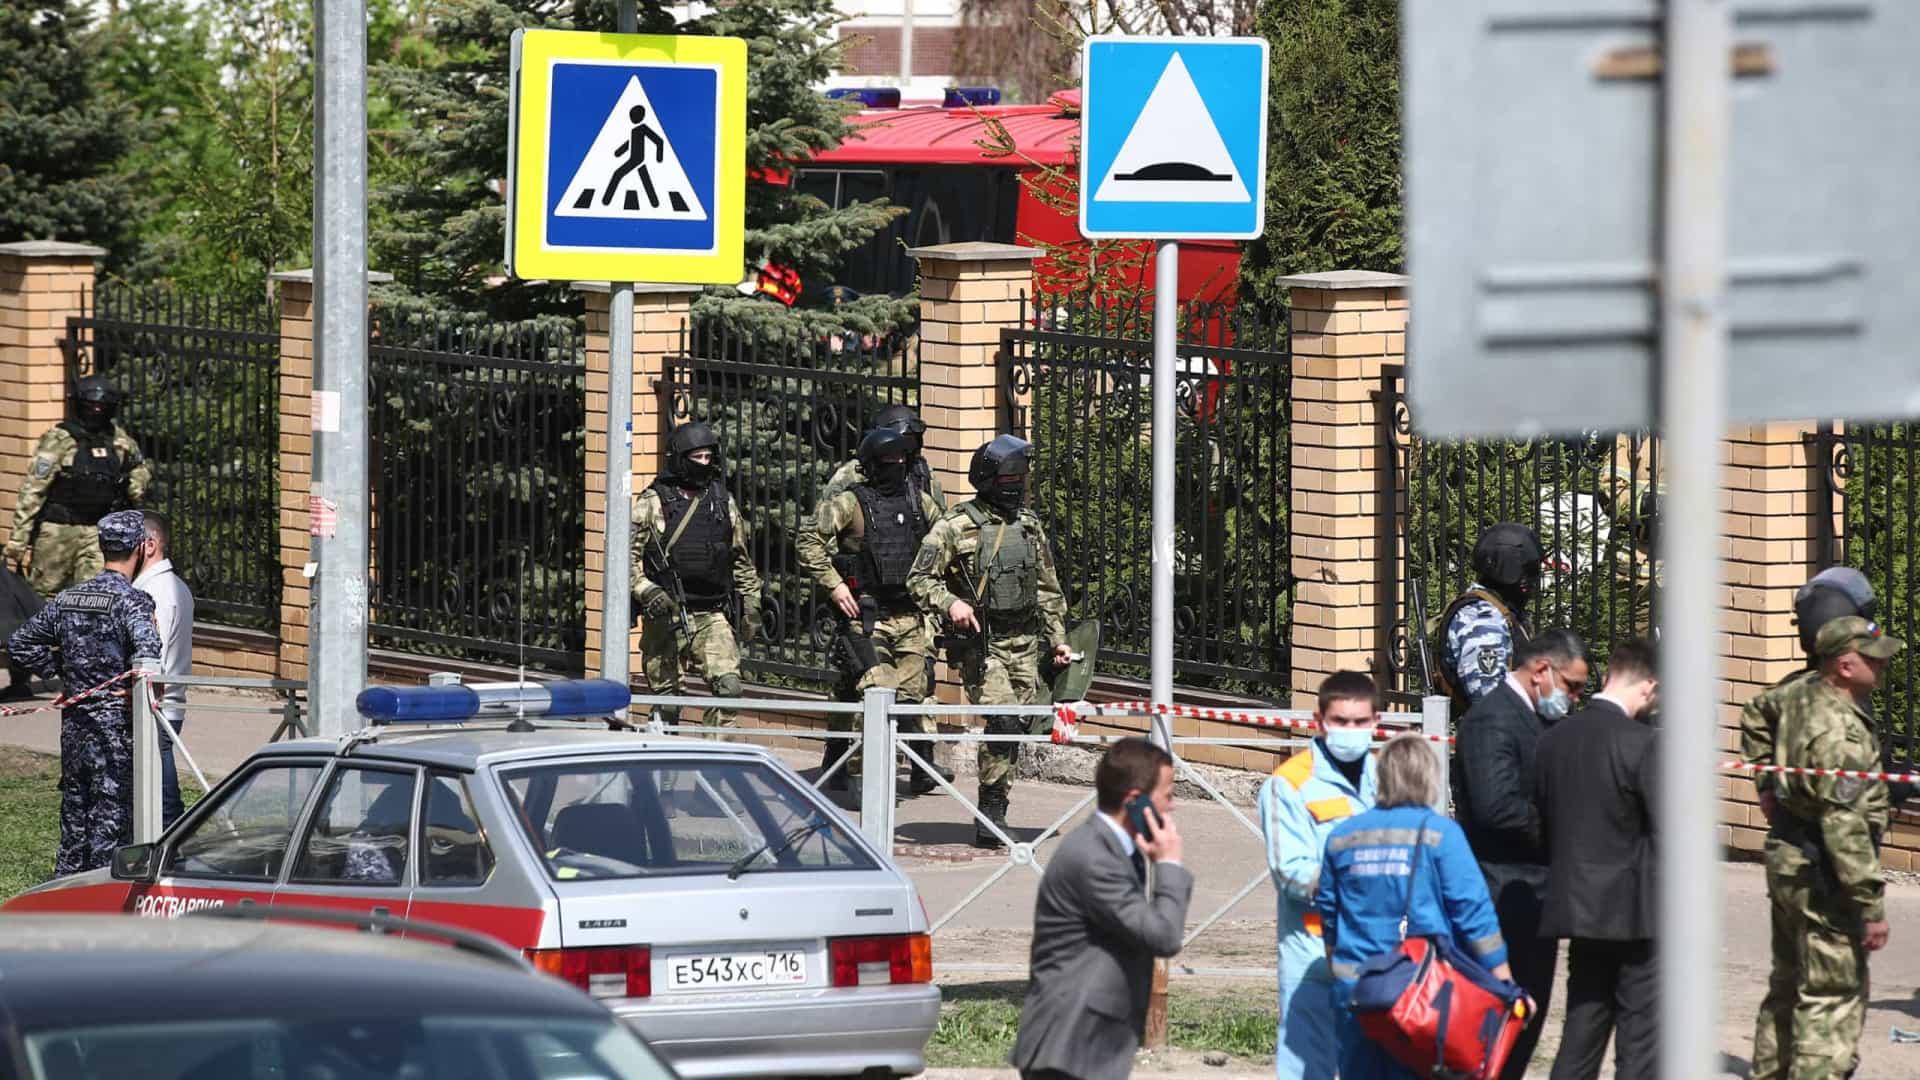 Jovem armado entra em escola na Rússia e deixa ao menos 8 mortos - Foto: Gette Images